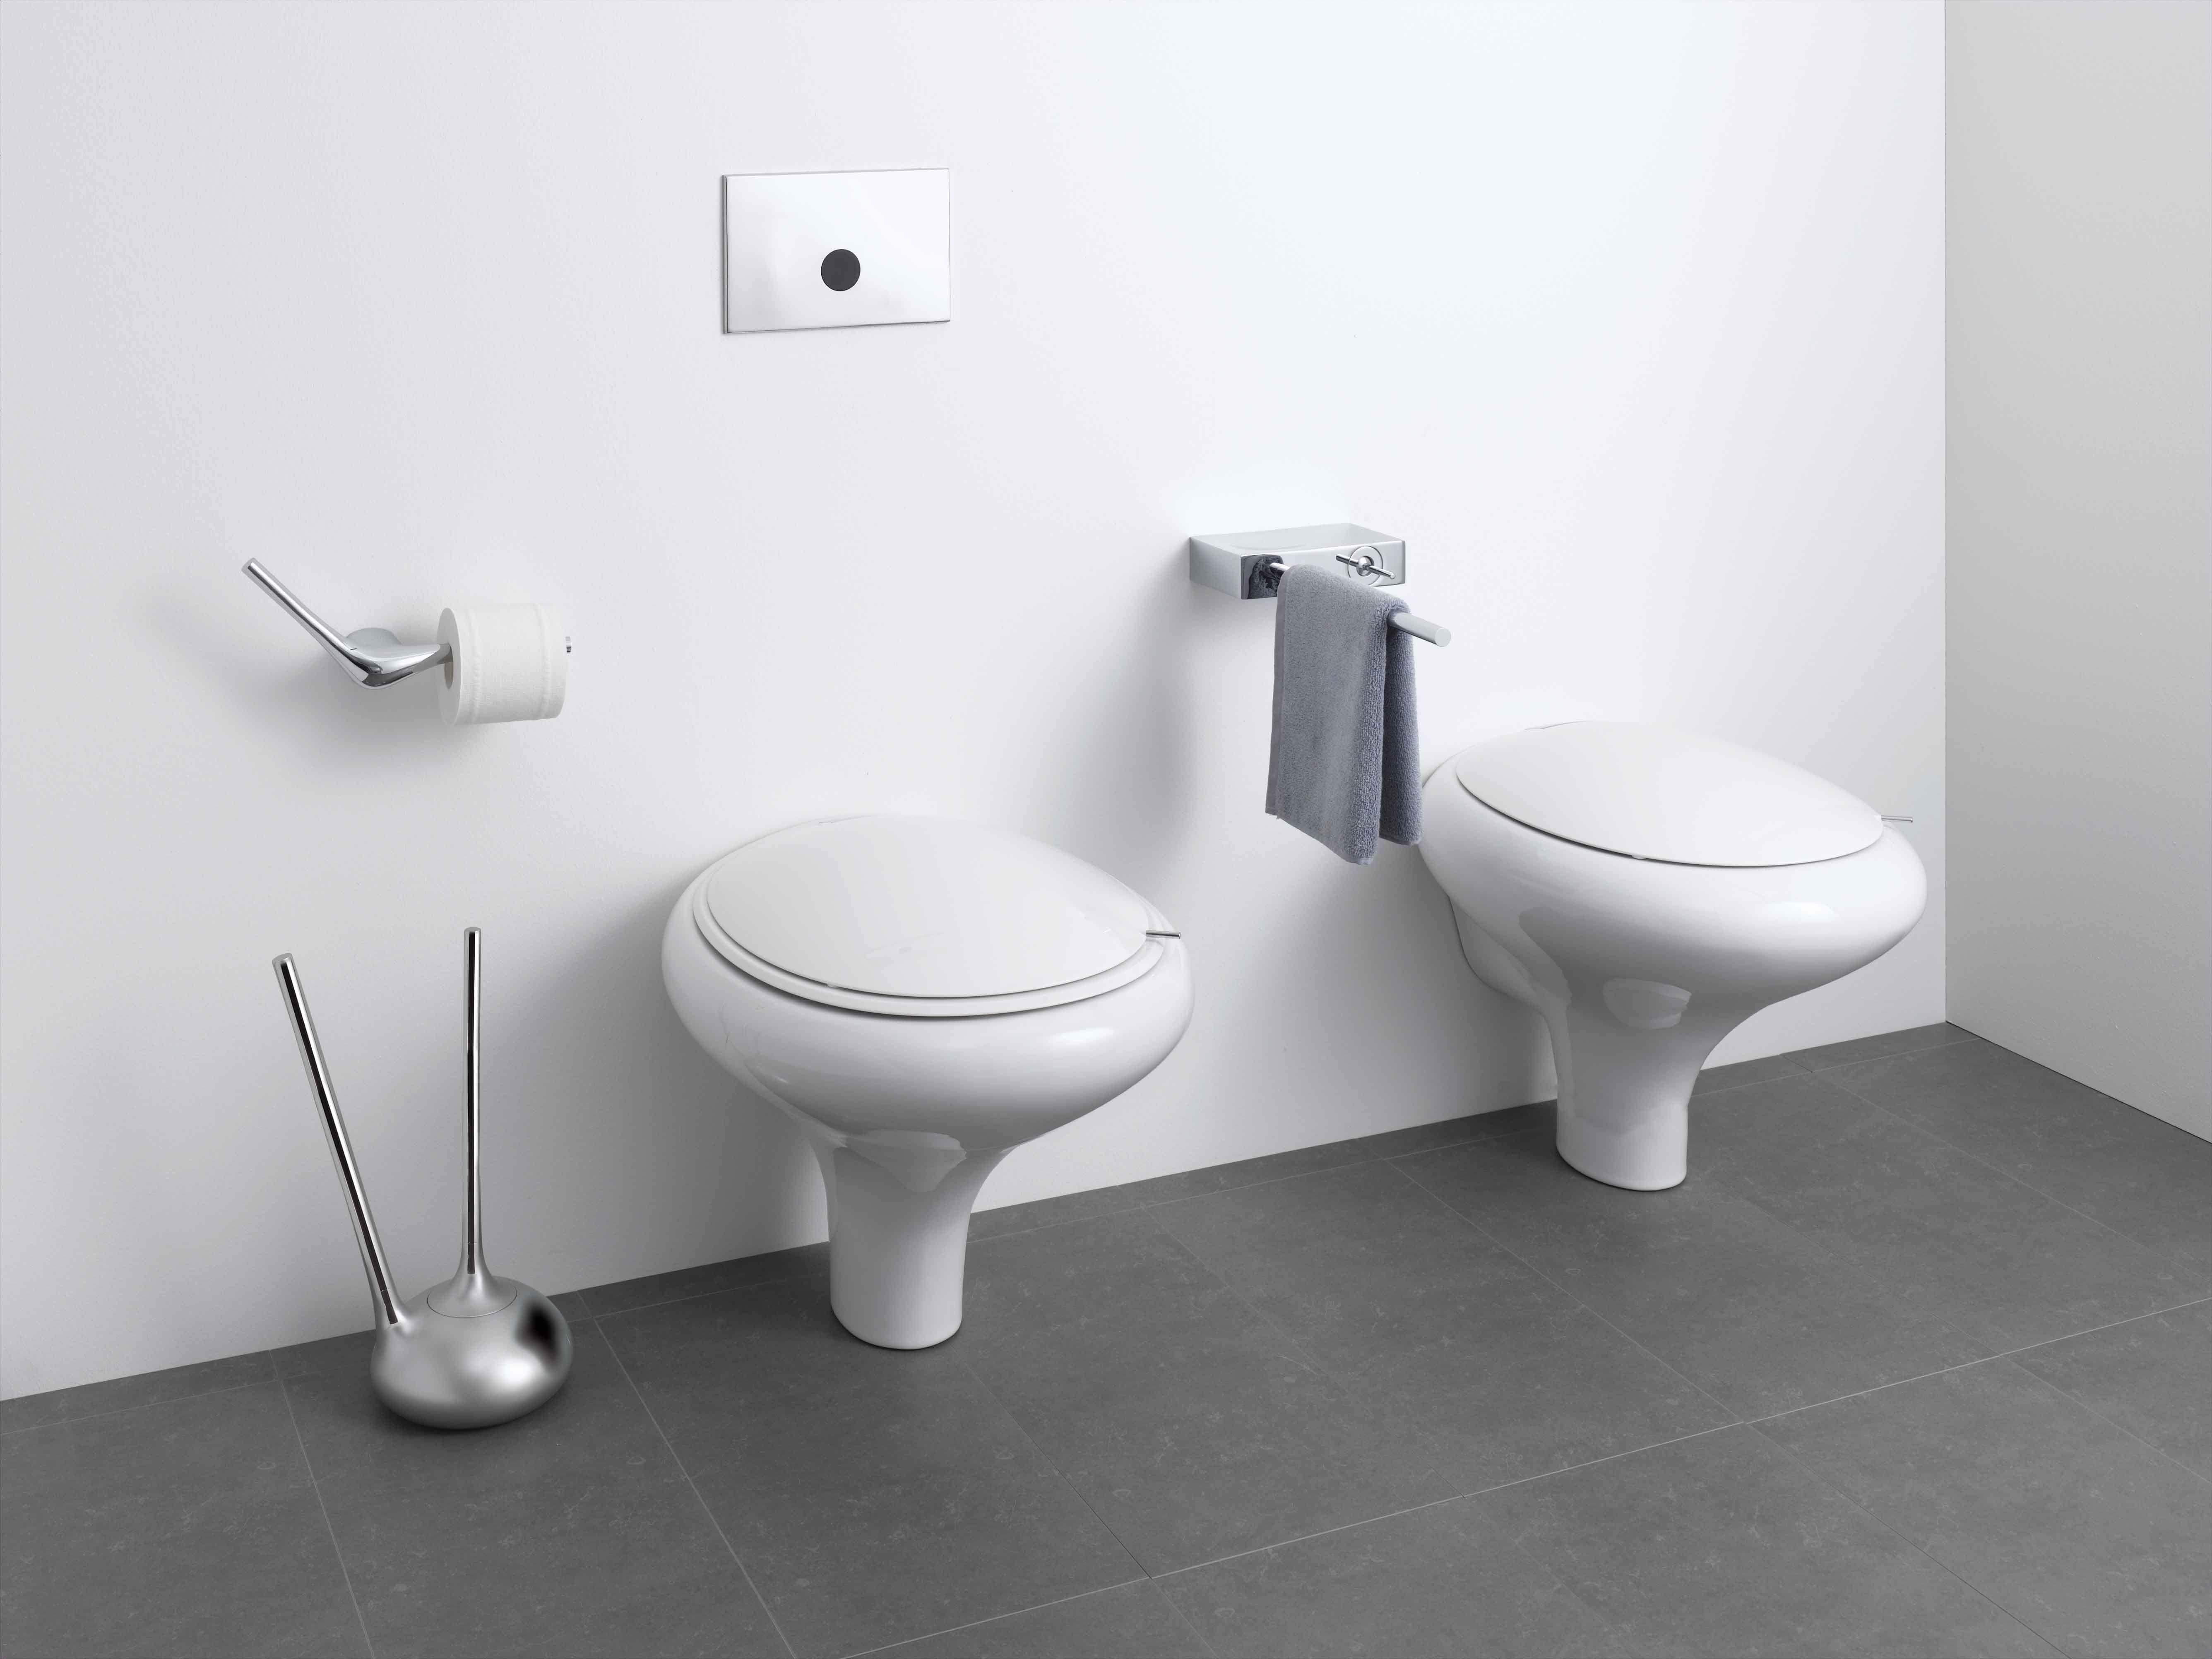 Wallhung WC Pan White  Toilet Seat Soft - White toilet with black seat